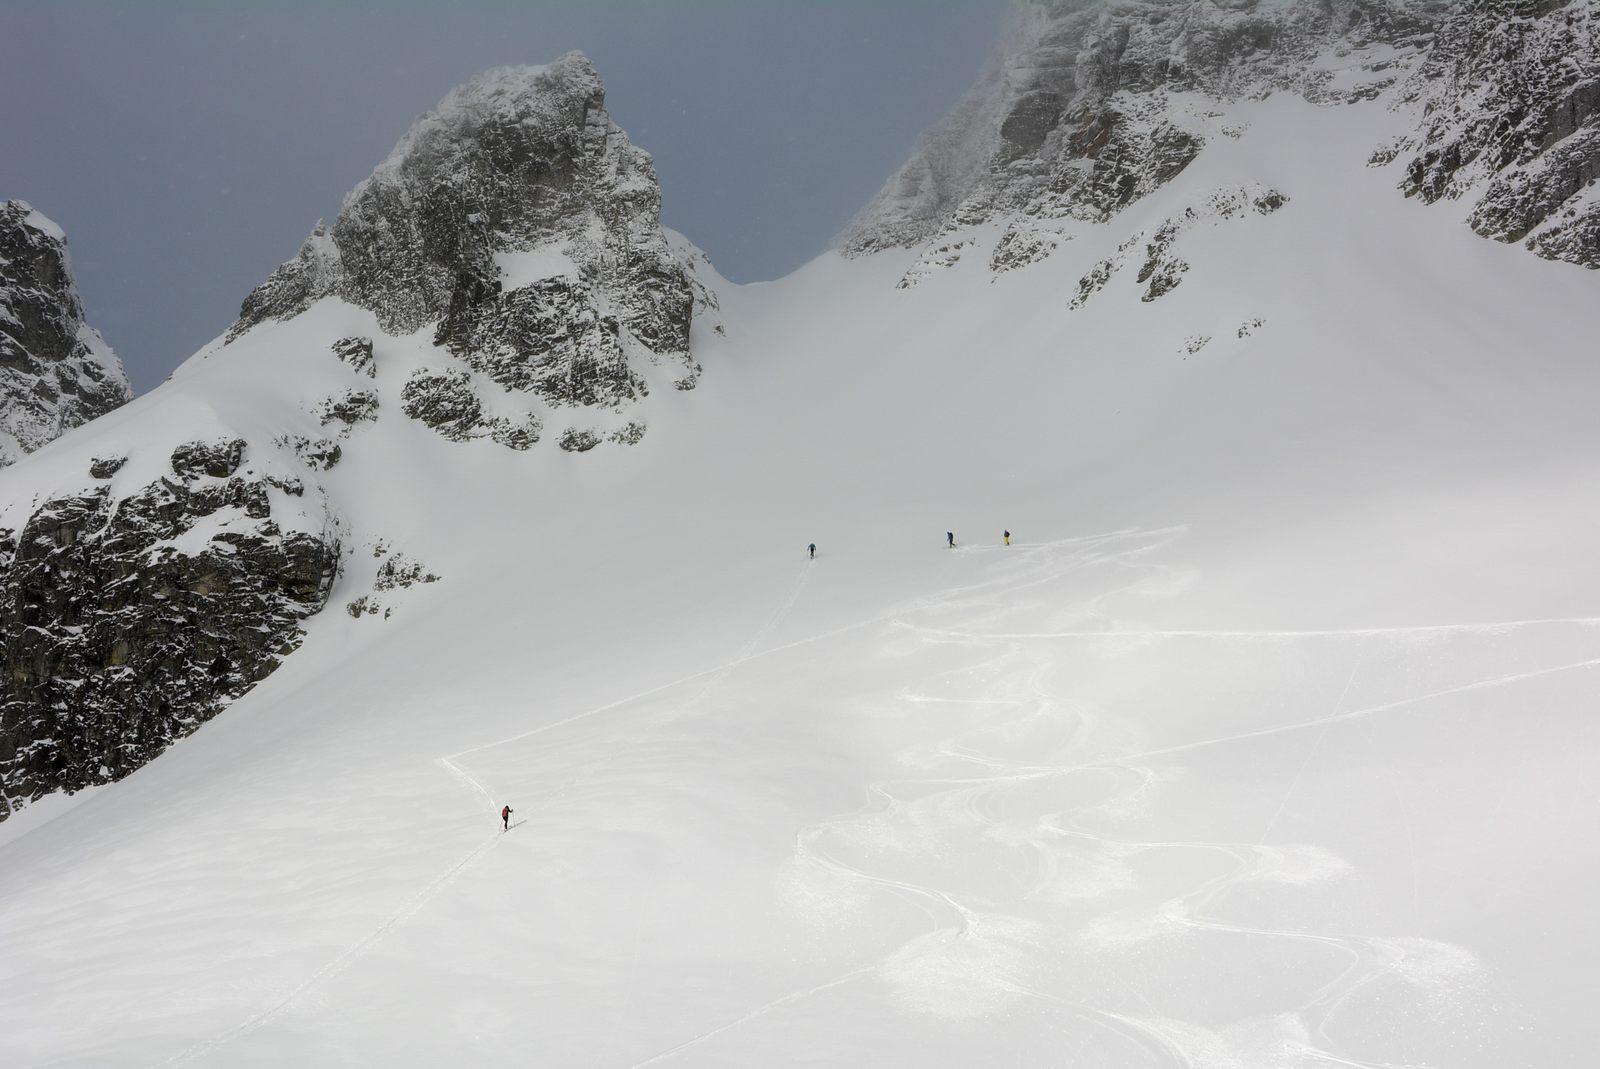 302ed111e3 Skialp vo Veľkej Studenej doline  Malý Závrat a Svišťový štít